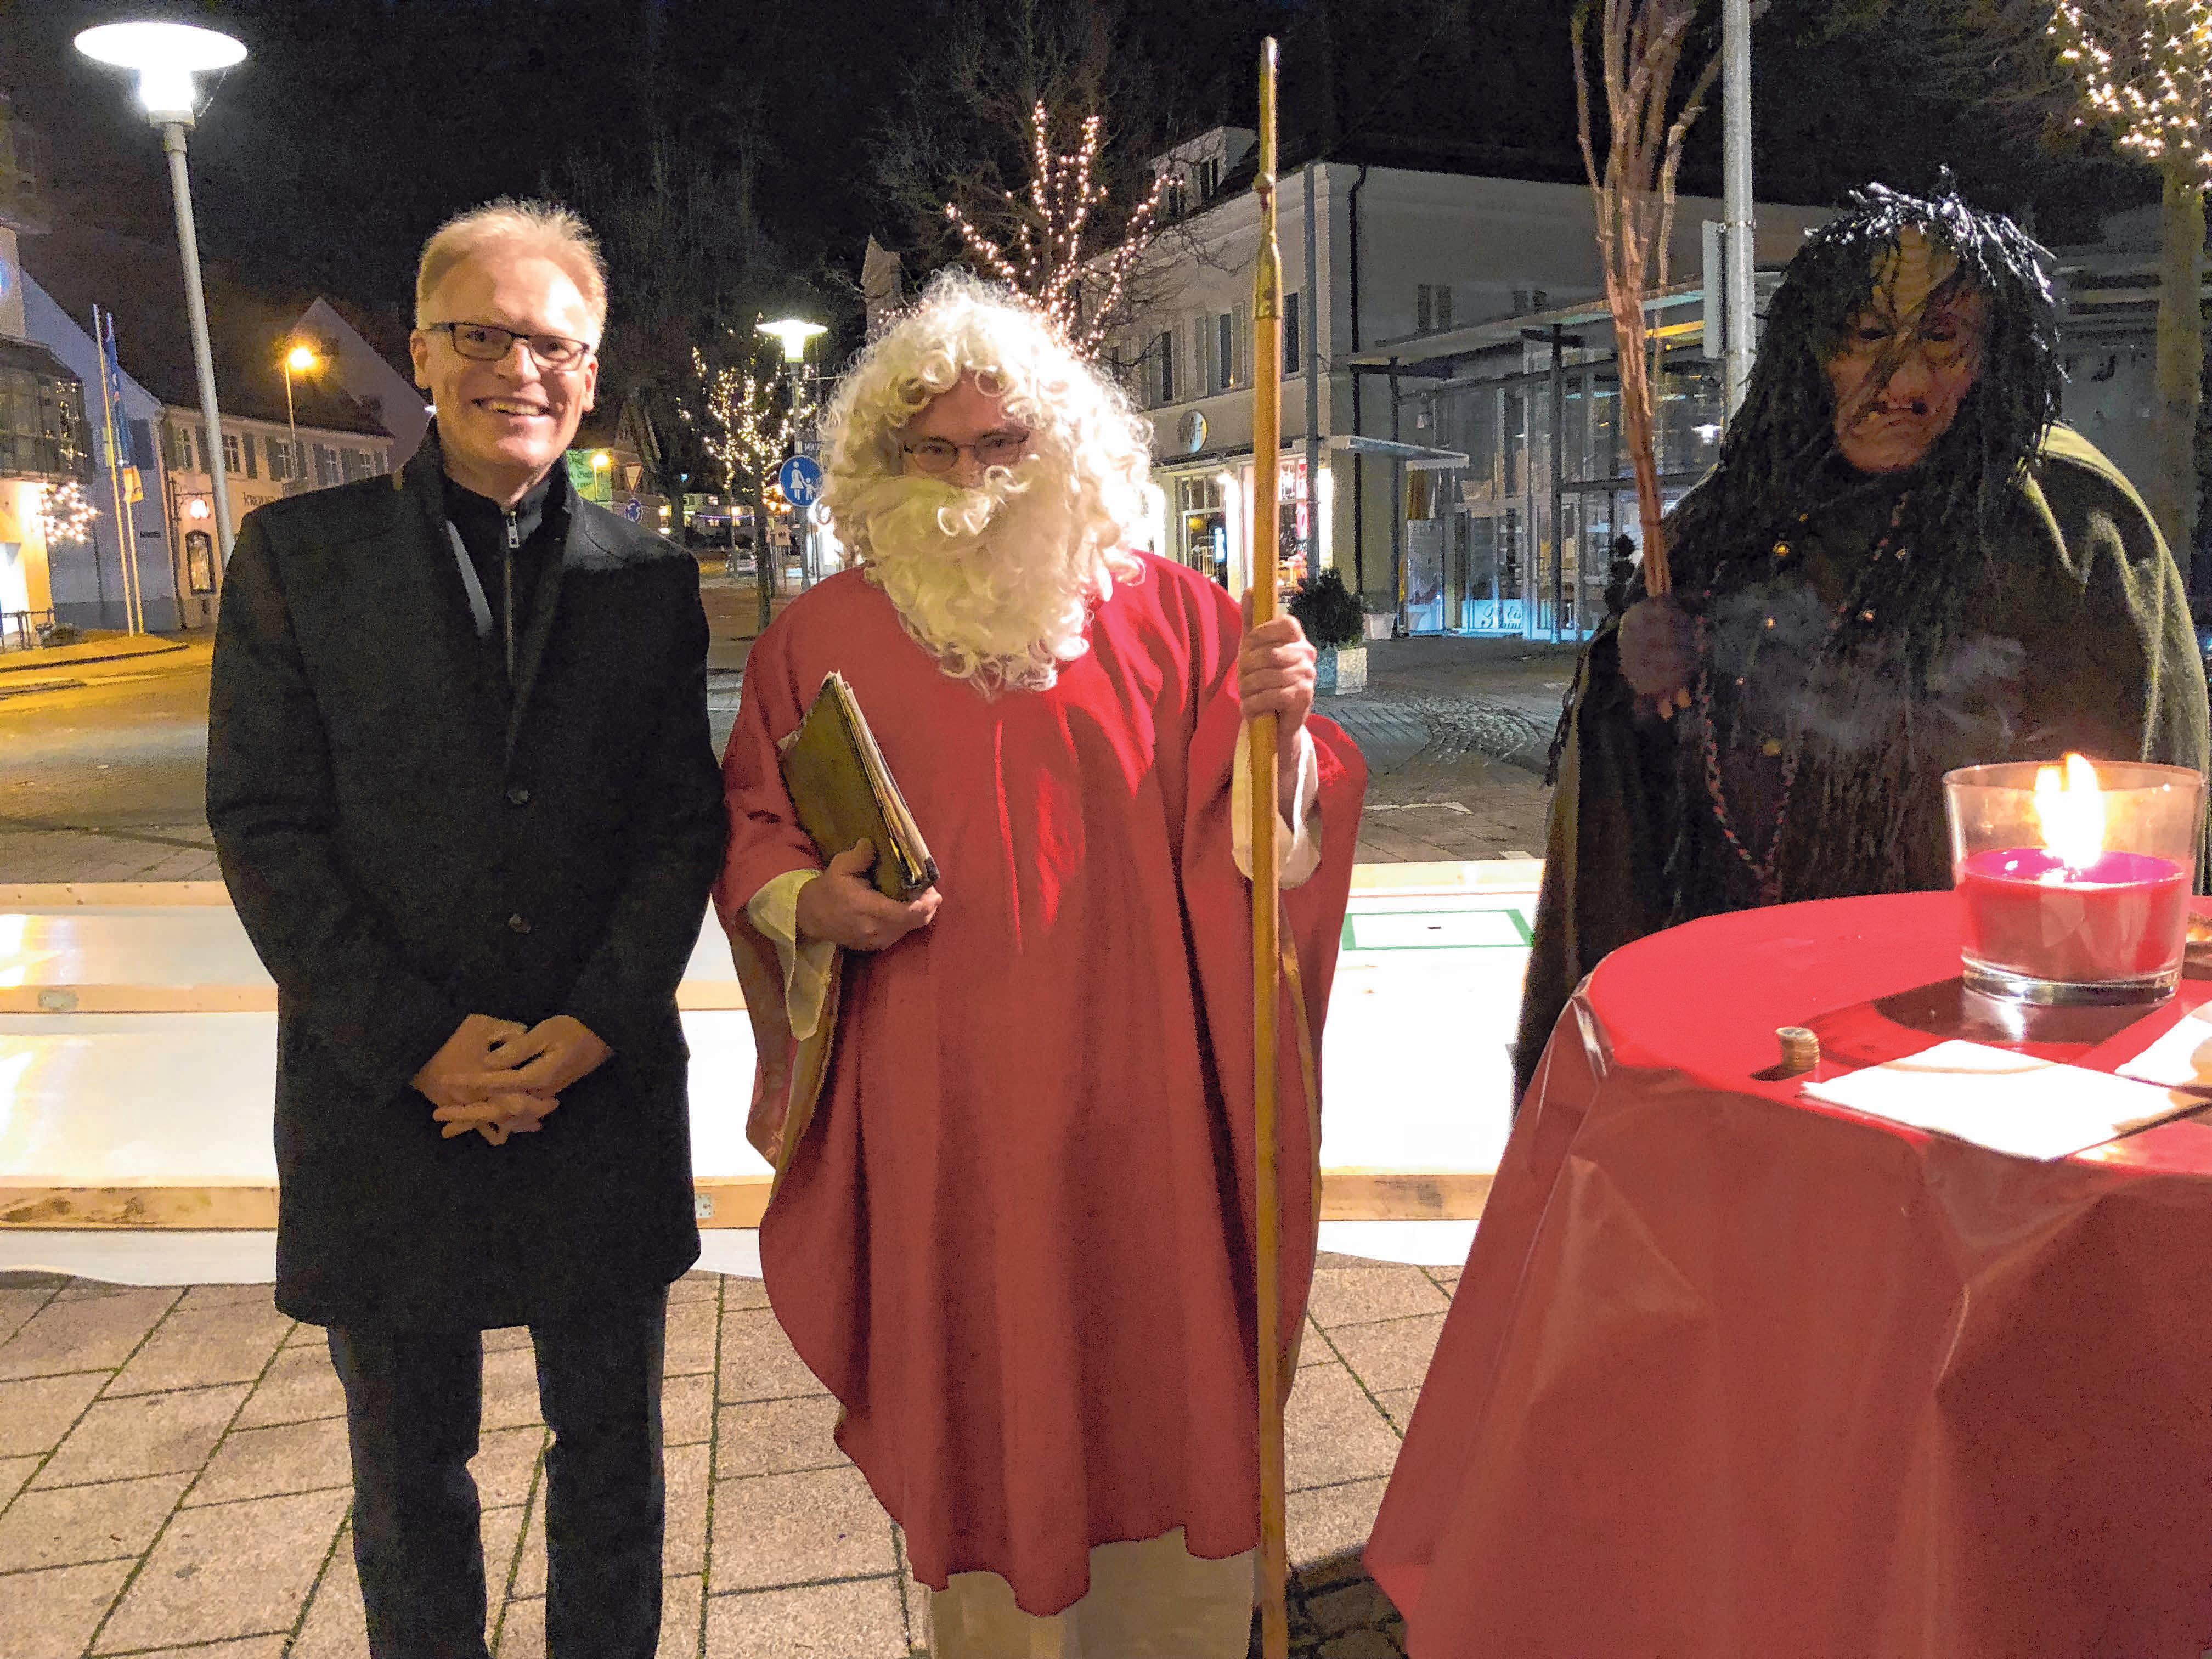 """Auch der Nikolaus schaut sicher beim """"Engel-Treff Laupheim"""" vorbei. FOTO: PRIVAT"""